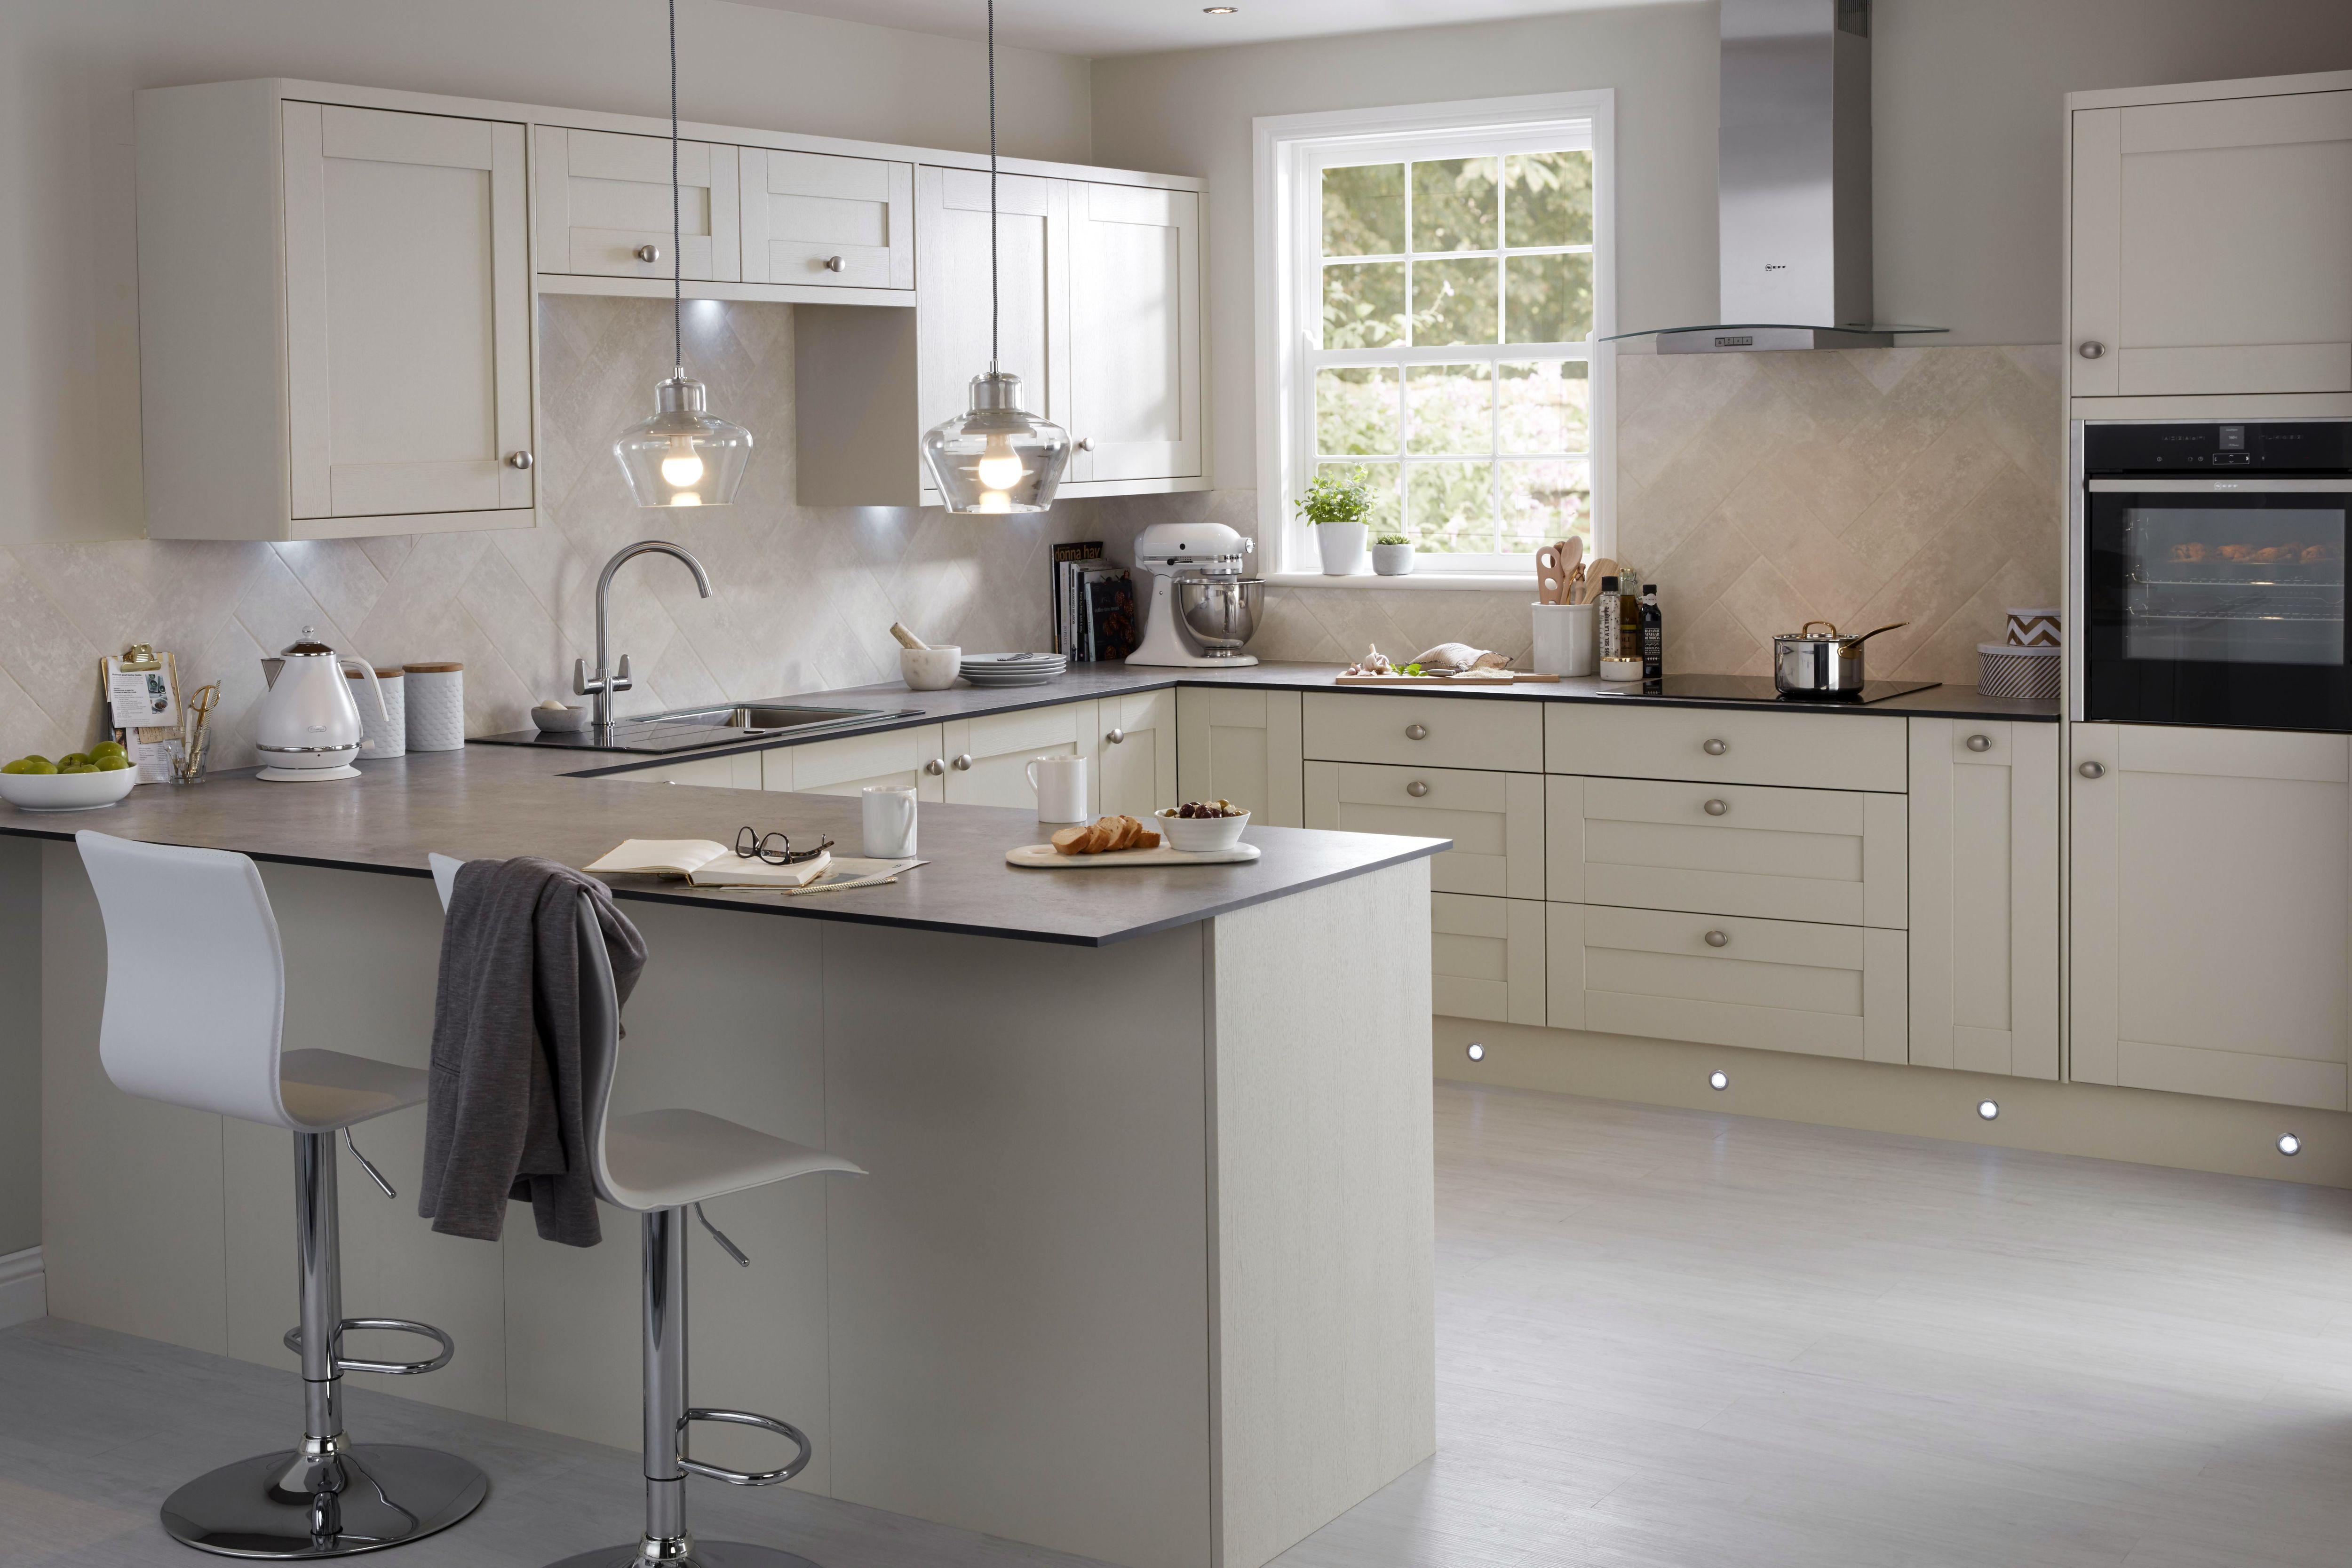 Kitchen Ideas Planning Diy At Bq